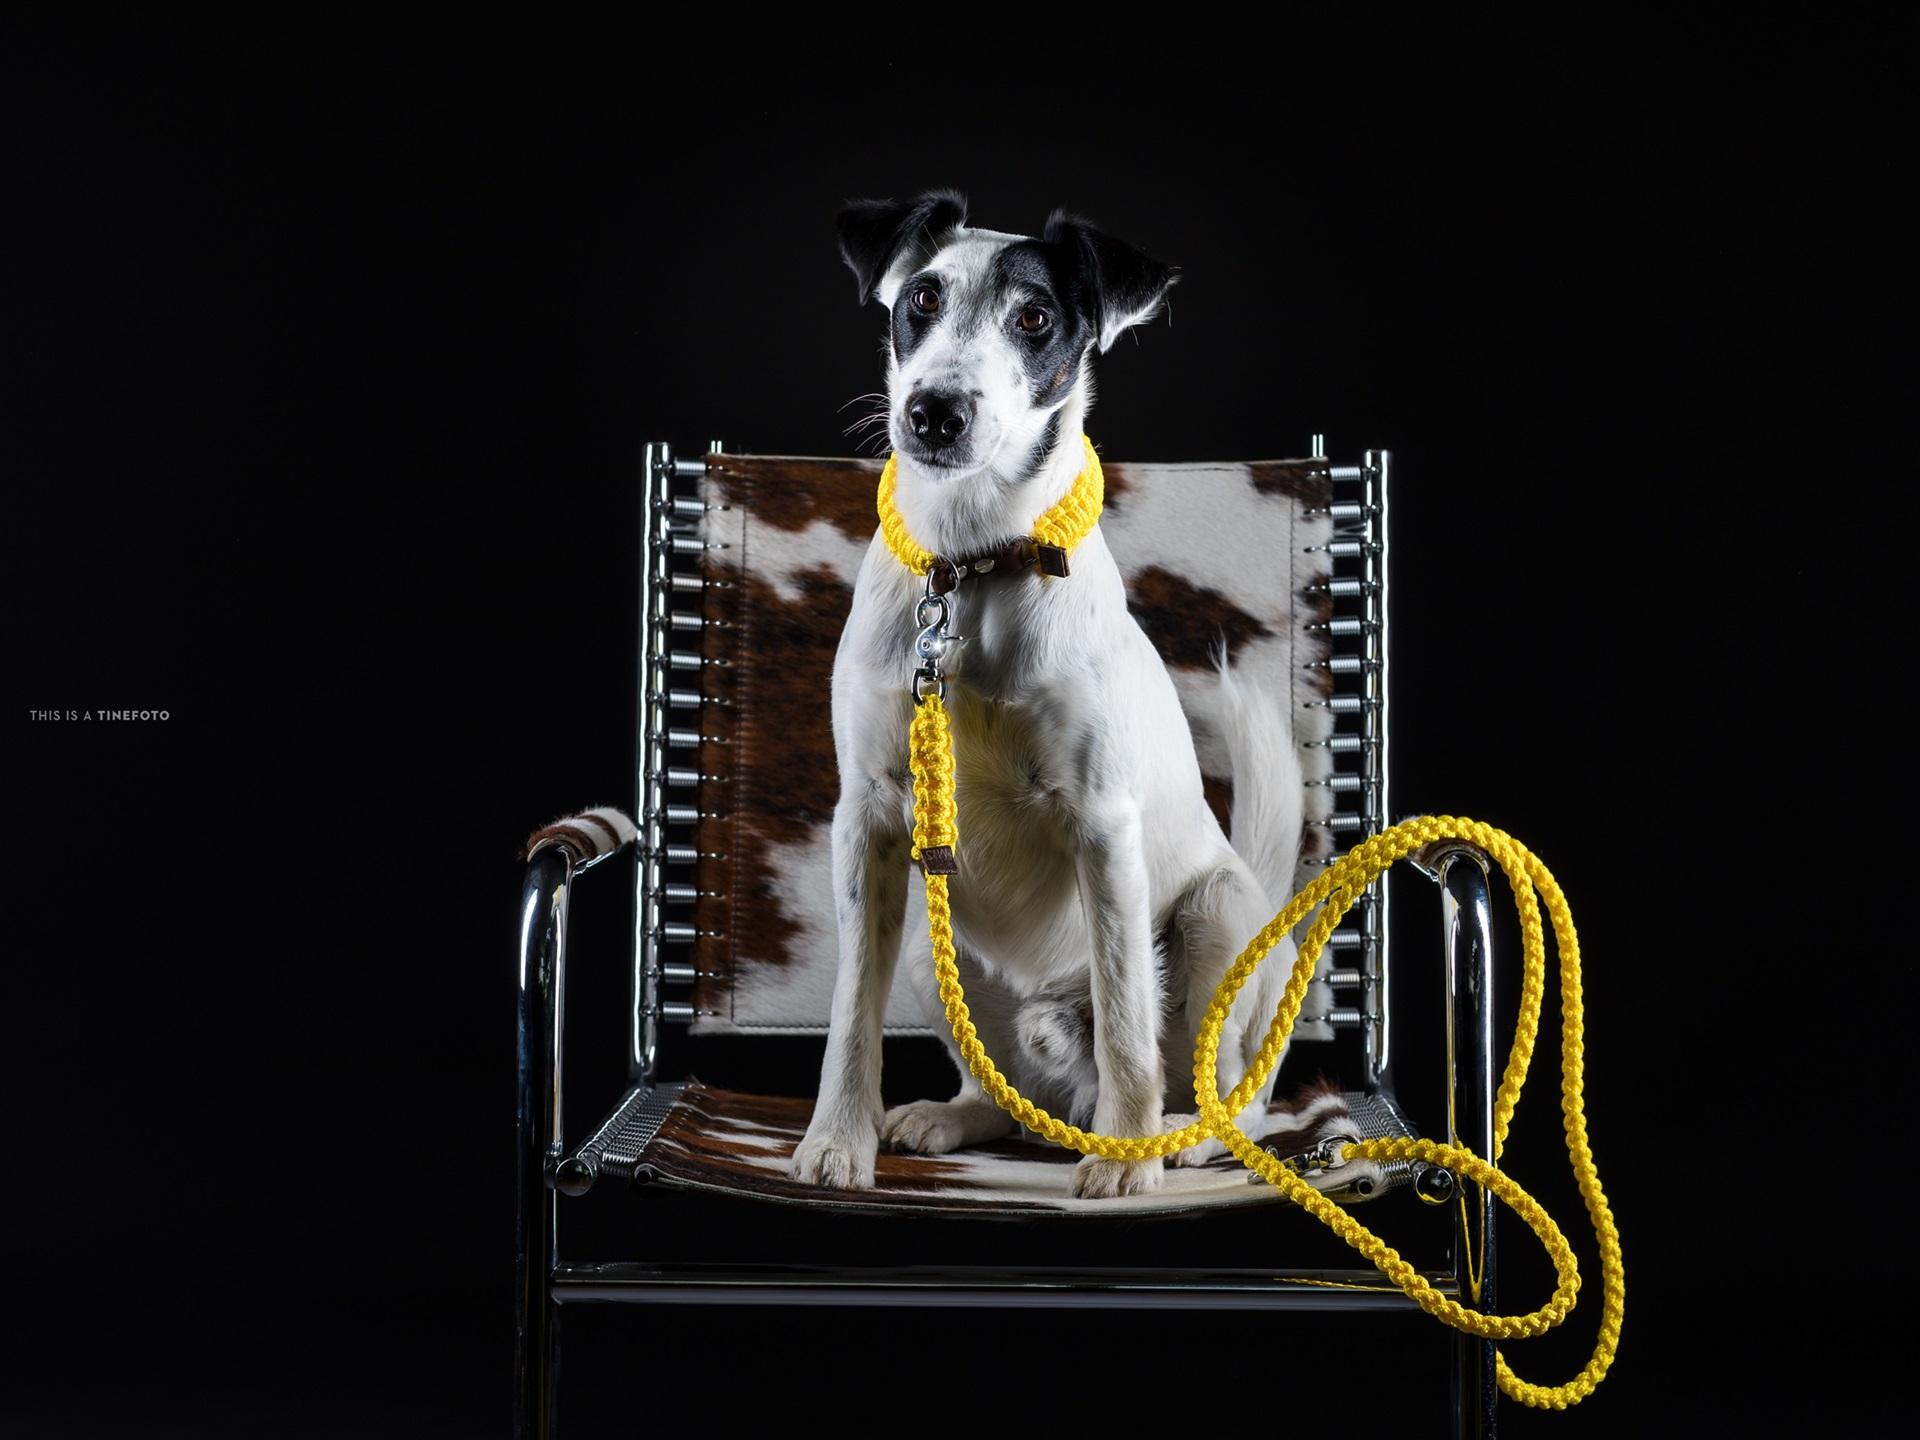 Hund Sitzen Auf Stuhl Schwarzer Hintergrund 1920x1440 Hd